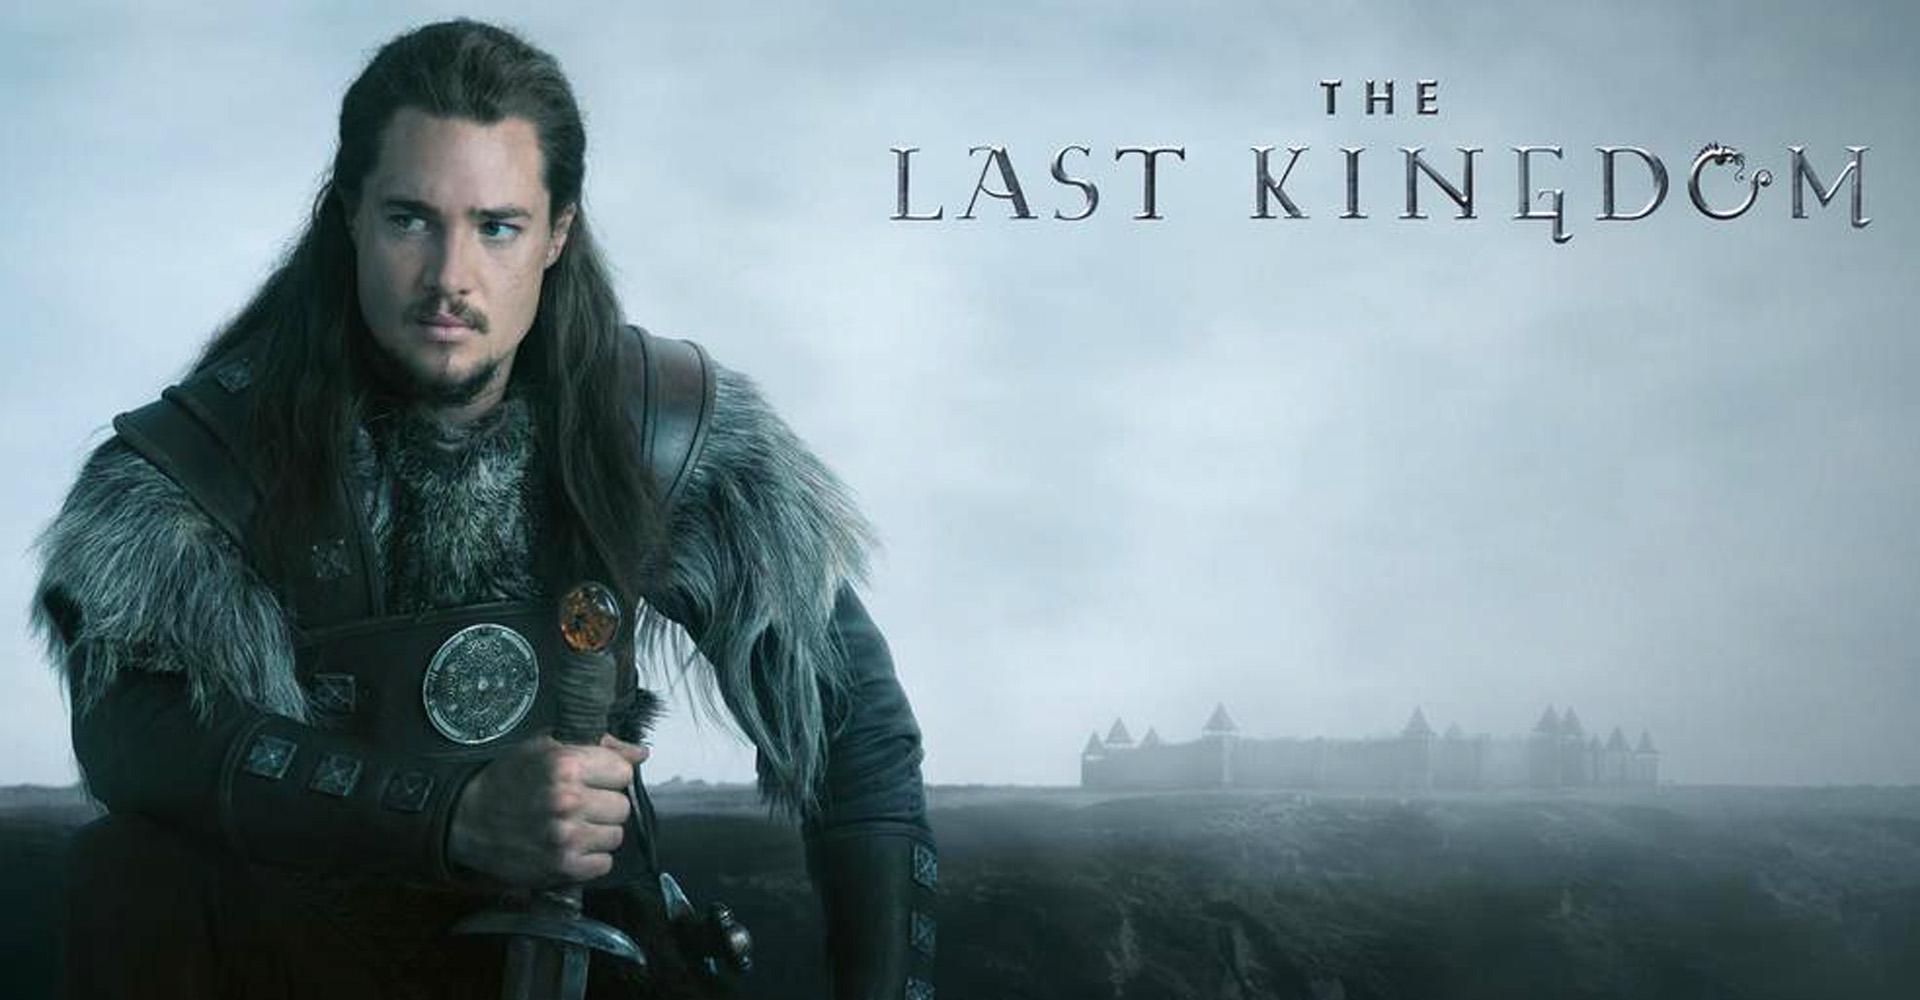 The Last Kingdom, Netflix